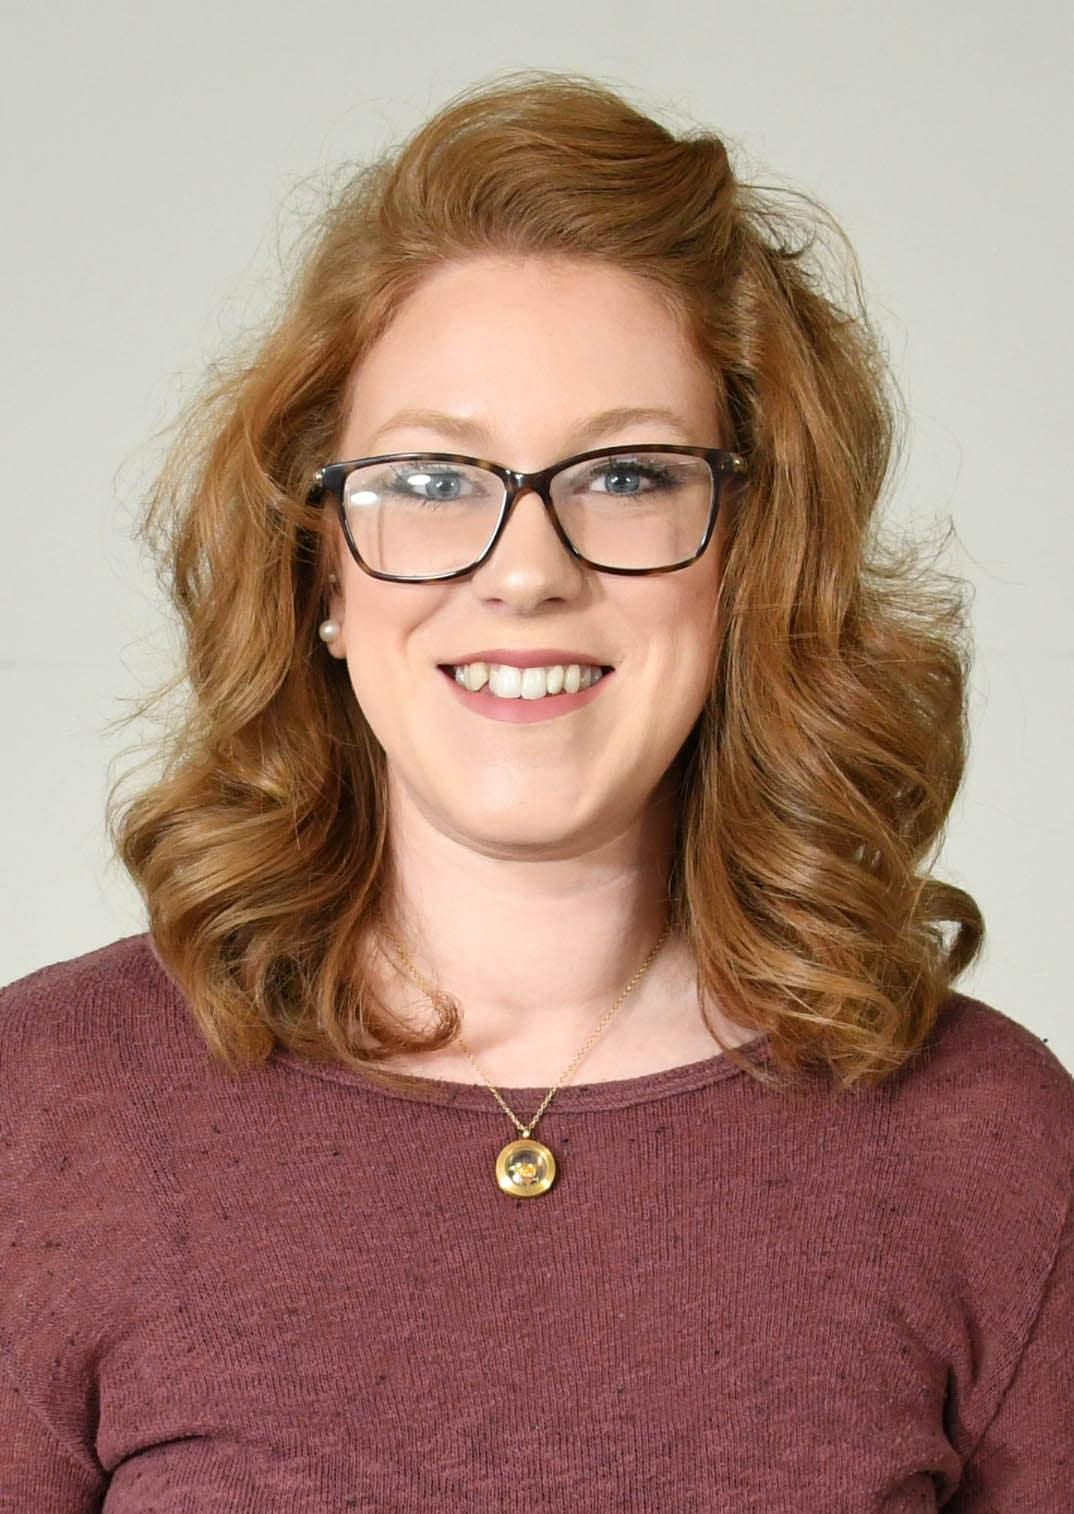 Brittany Costello